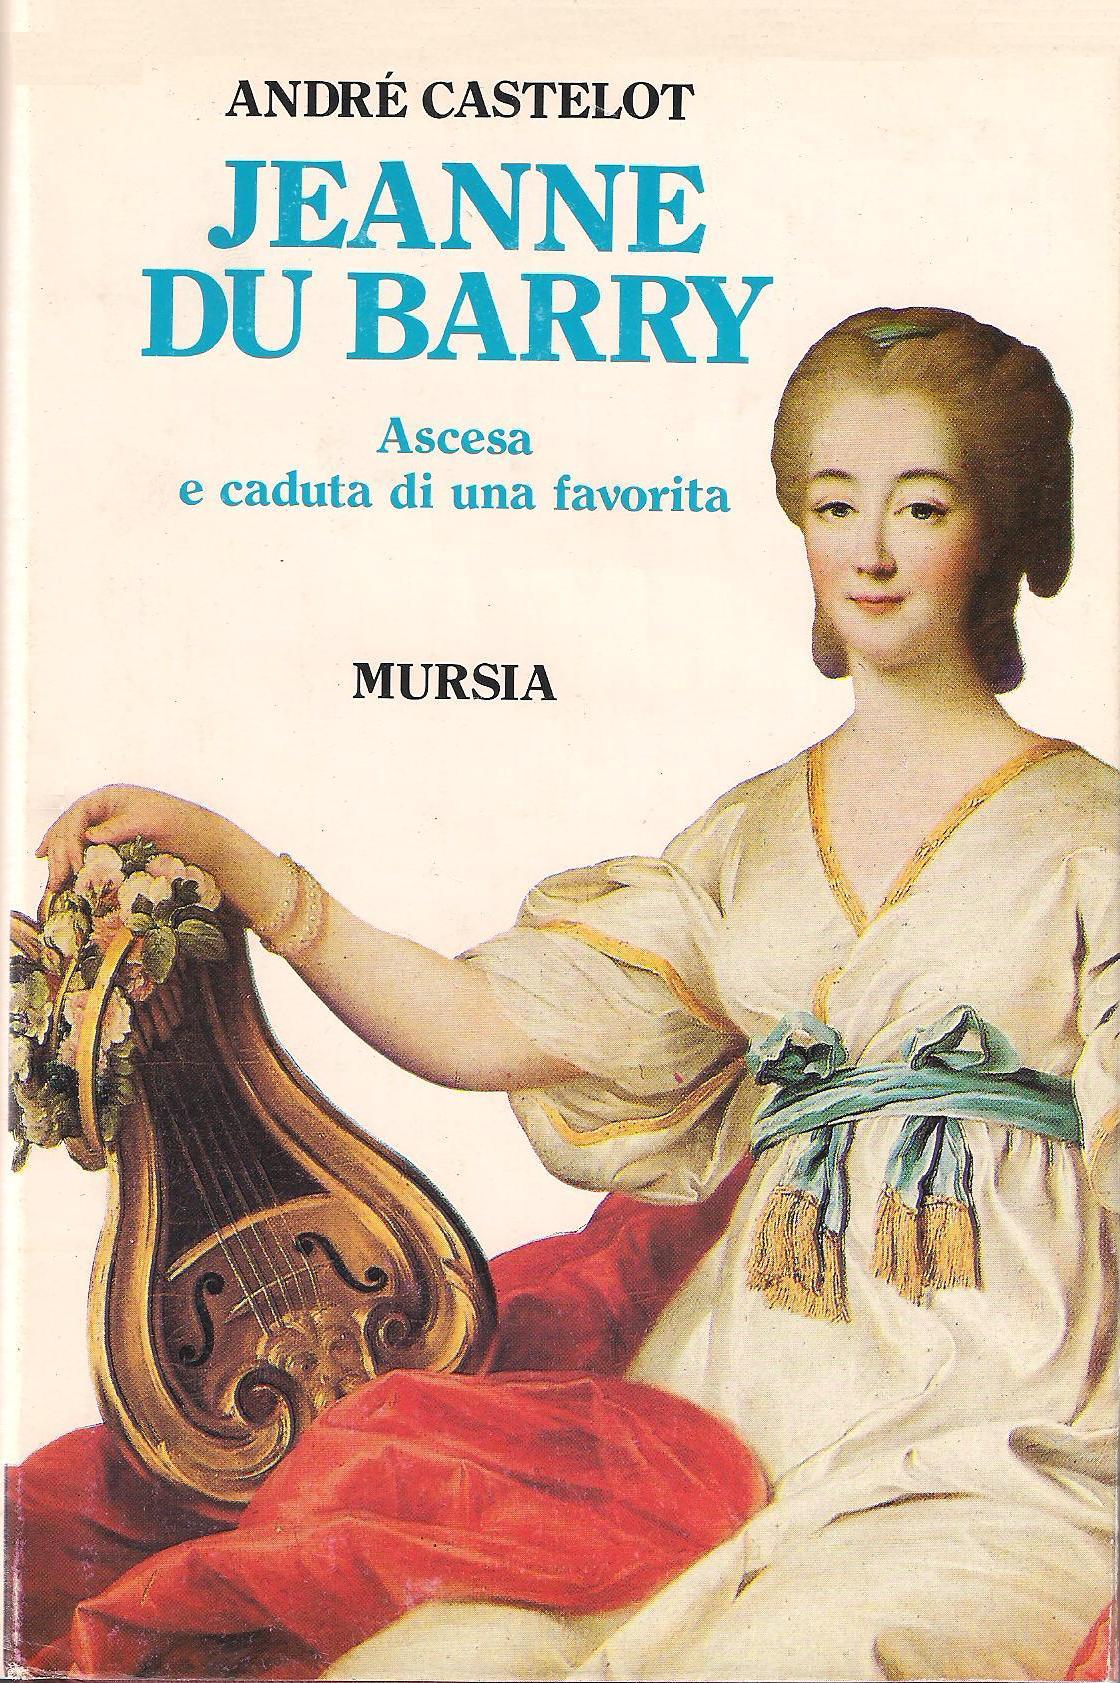 Jeanne du Barry